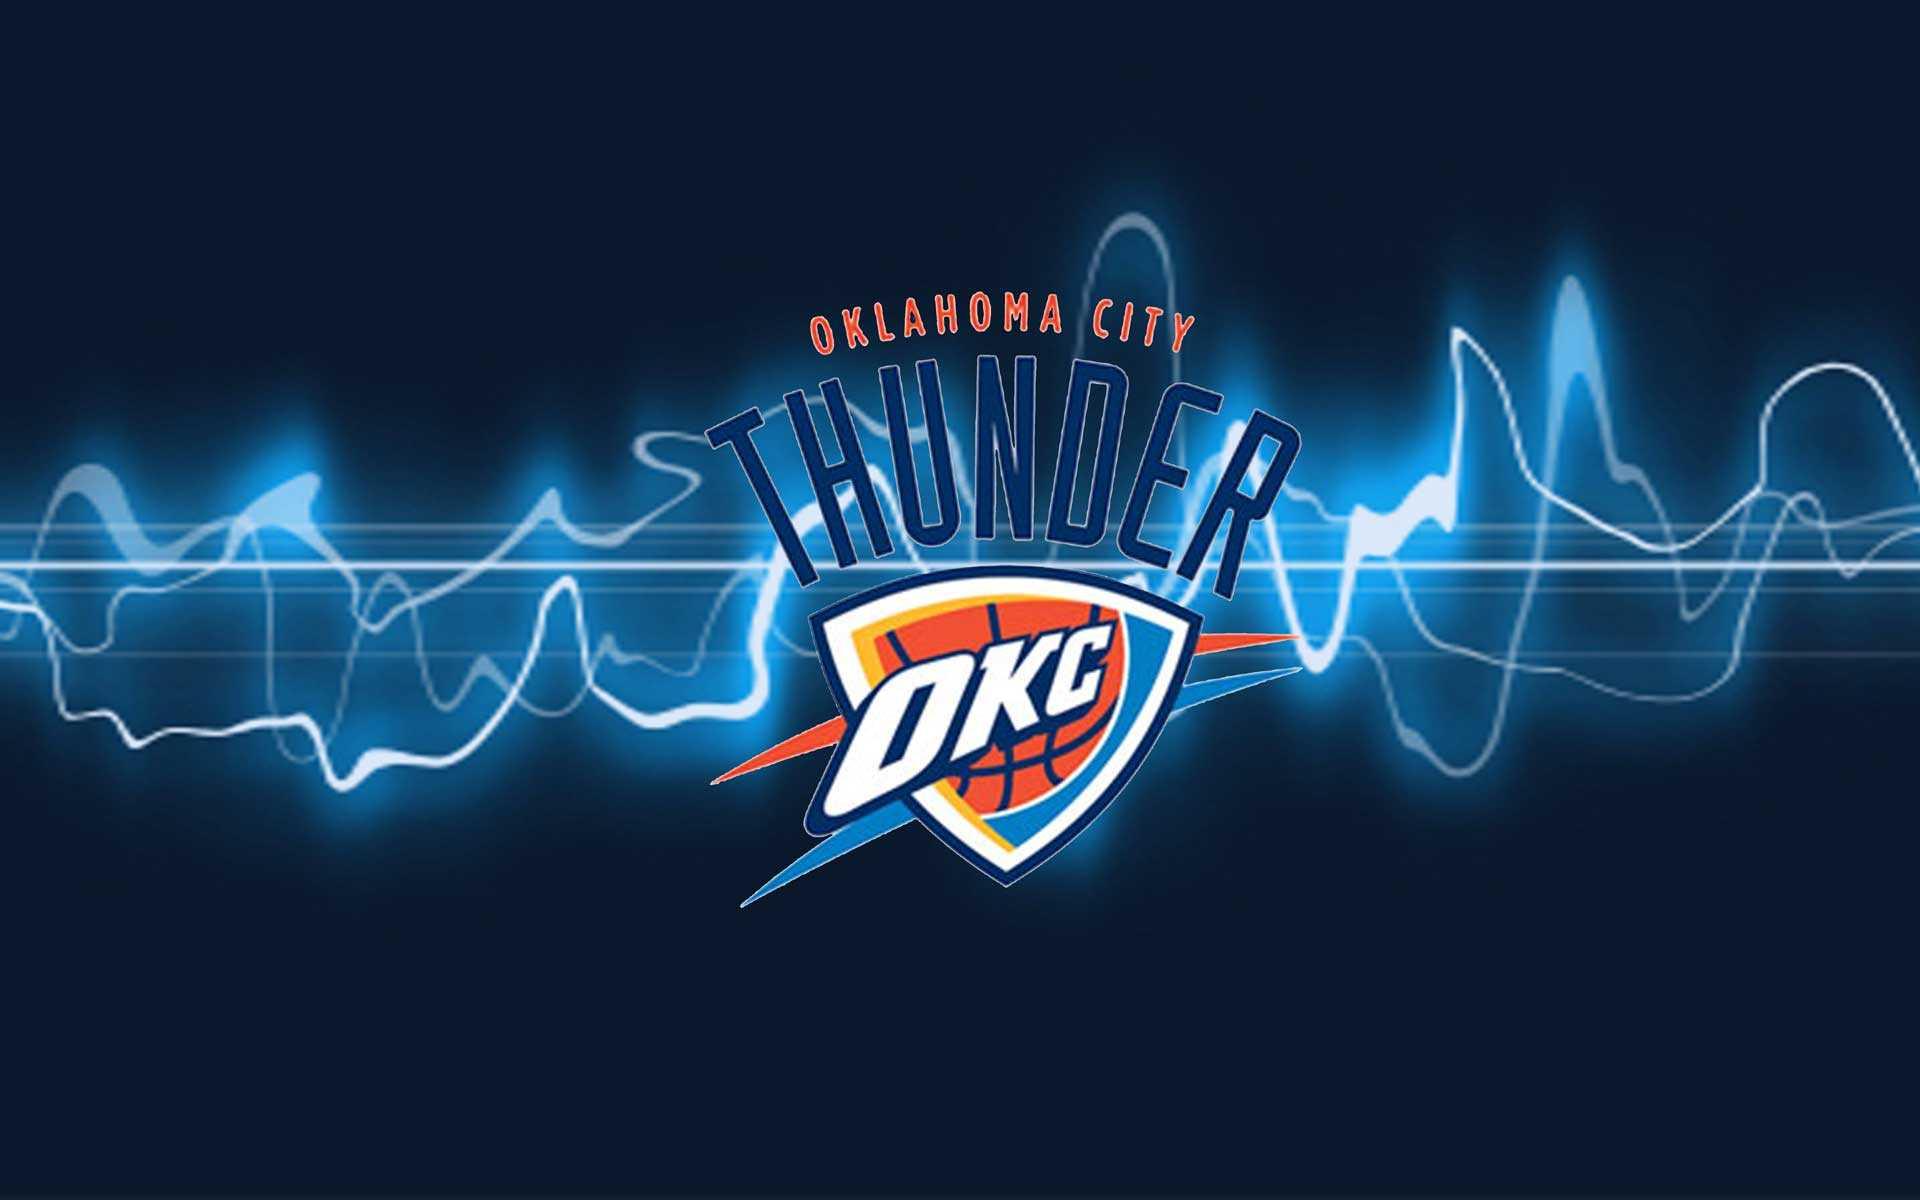 Oklahoma City Thunder 2018 Wallpapers